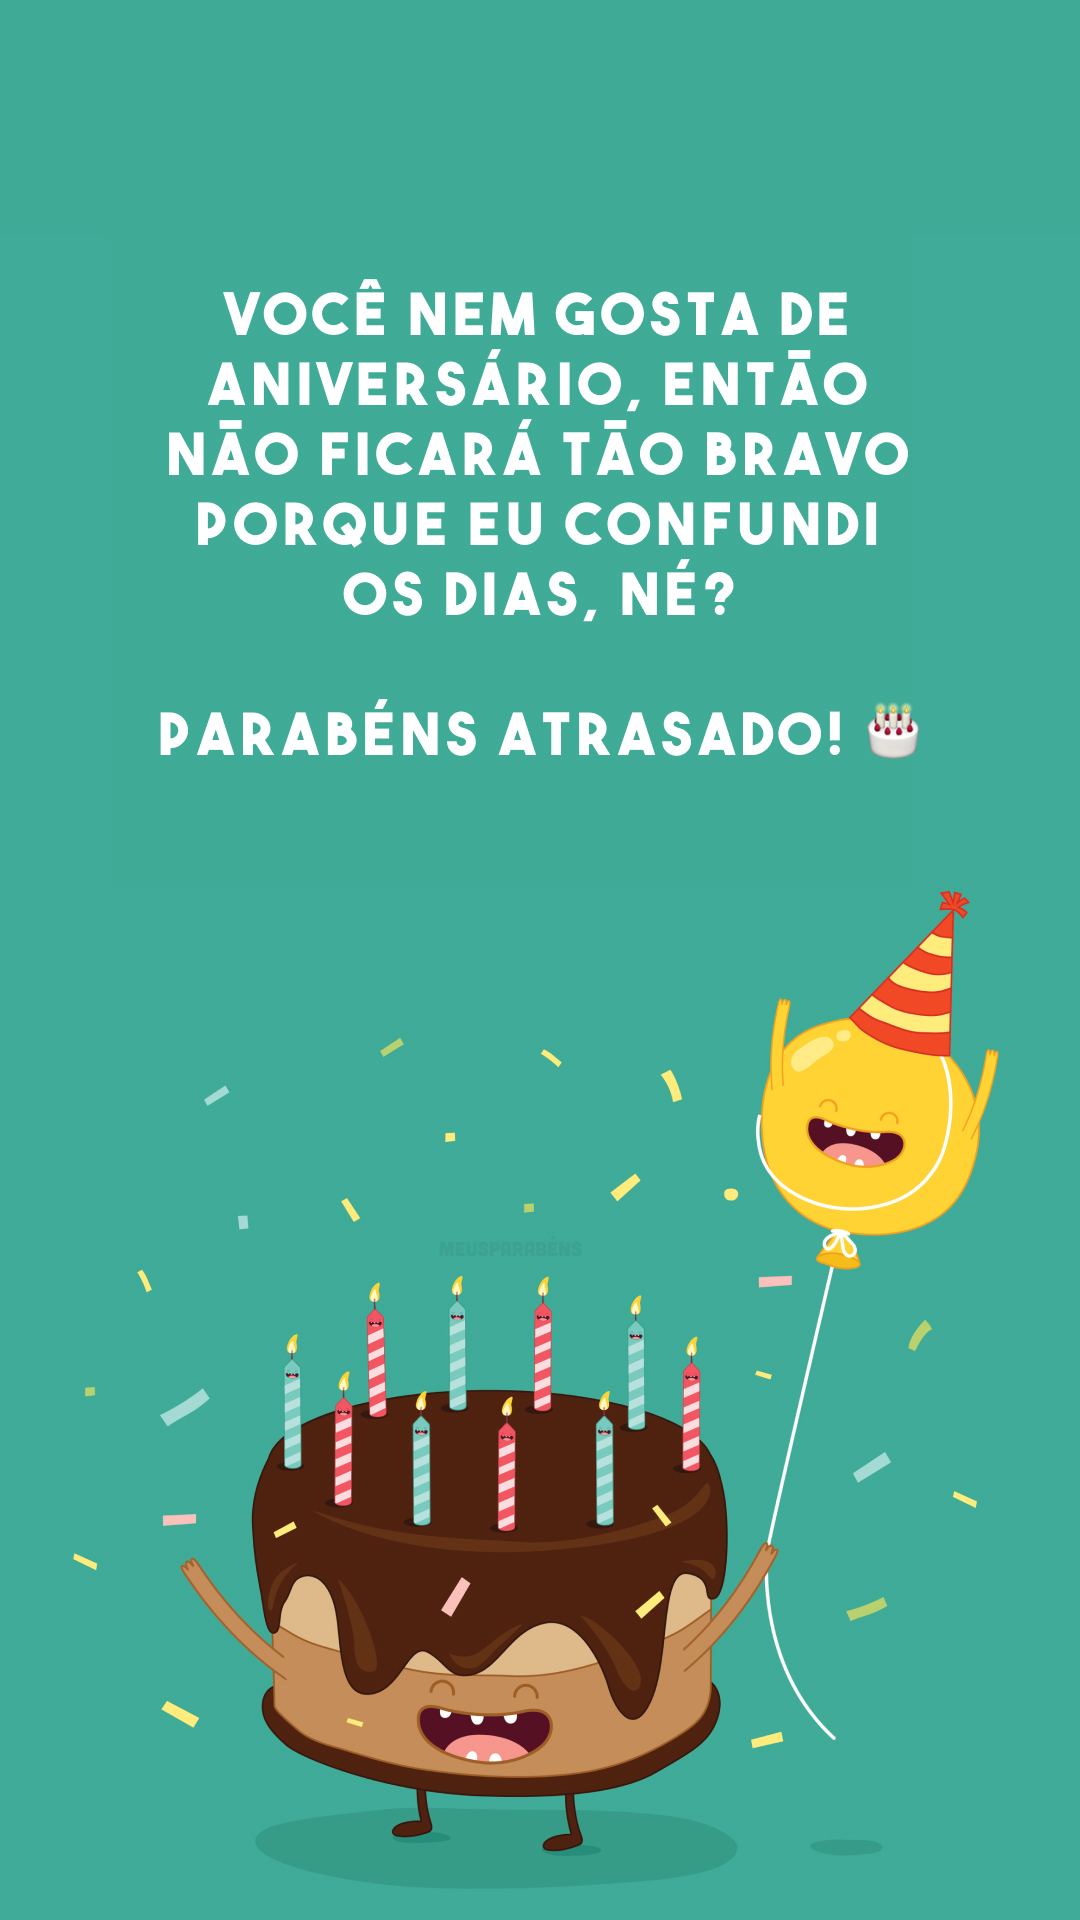 Você nem gosta de aniversário, então não ficará tão bravo porque eu confundi os dias, né? Parabéns atrasado! 🎂